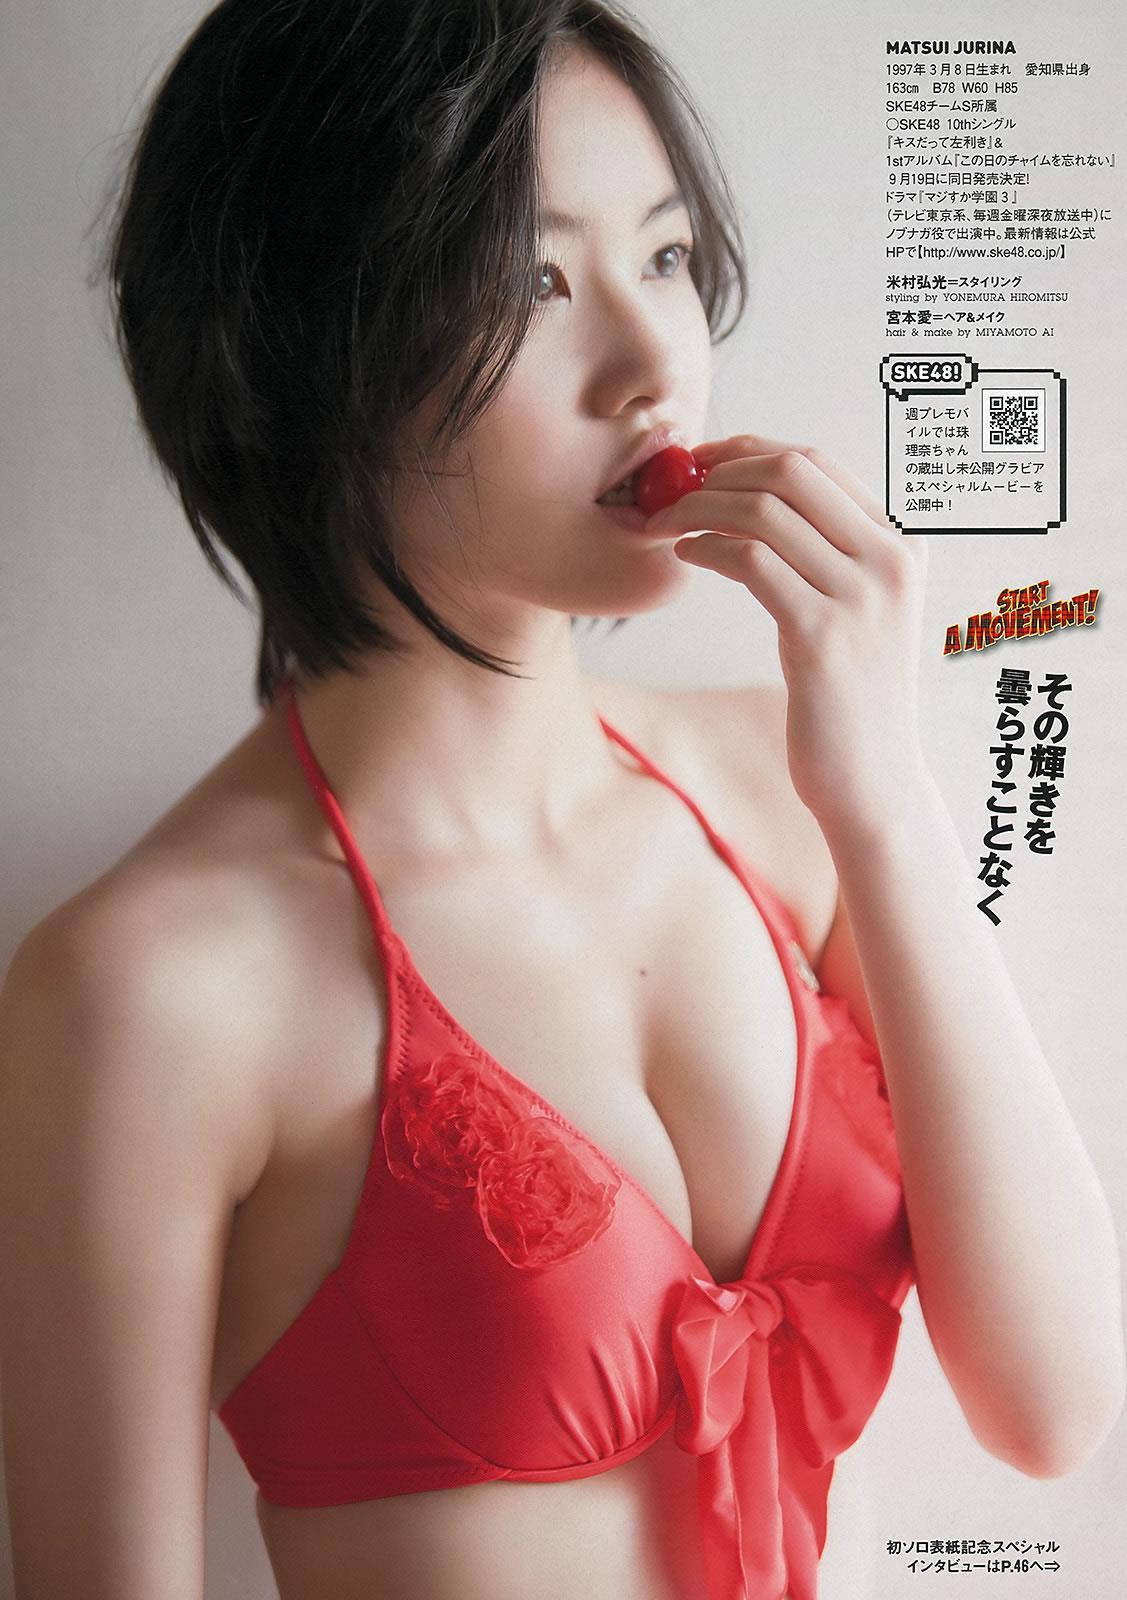 松井珠理奈 画像 120